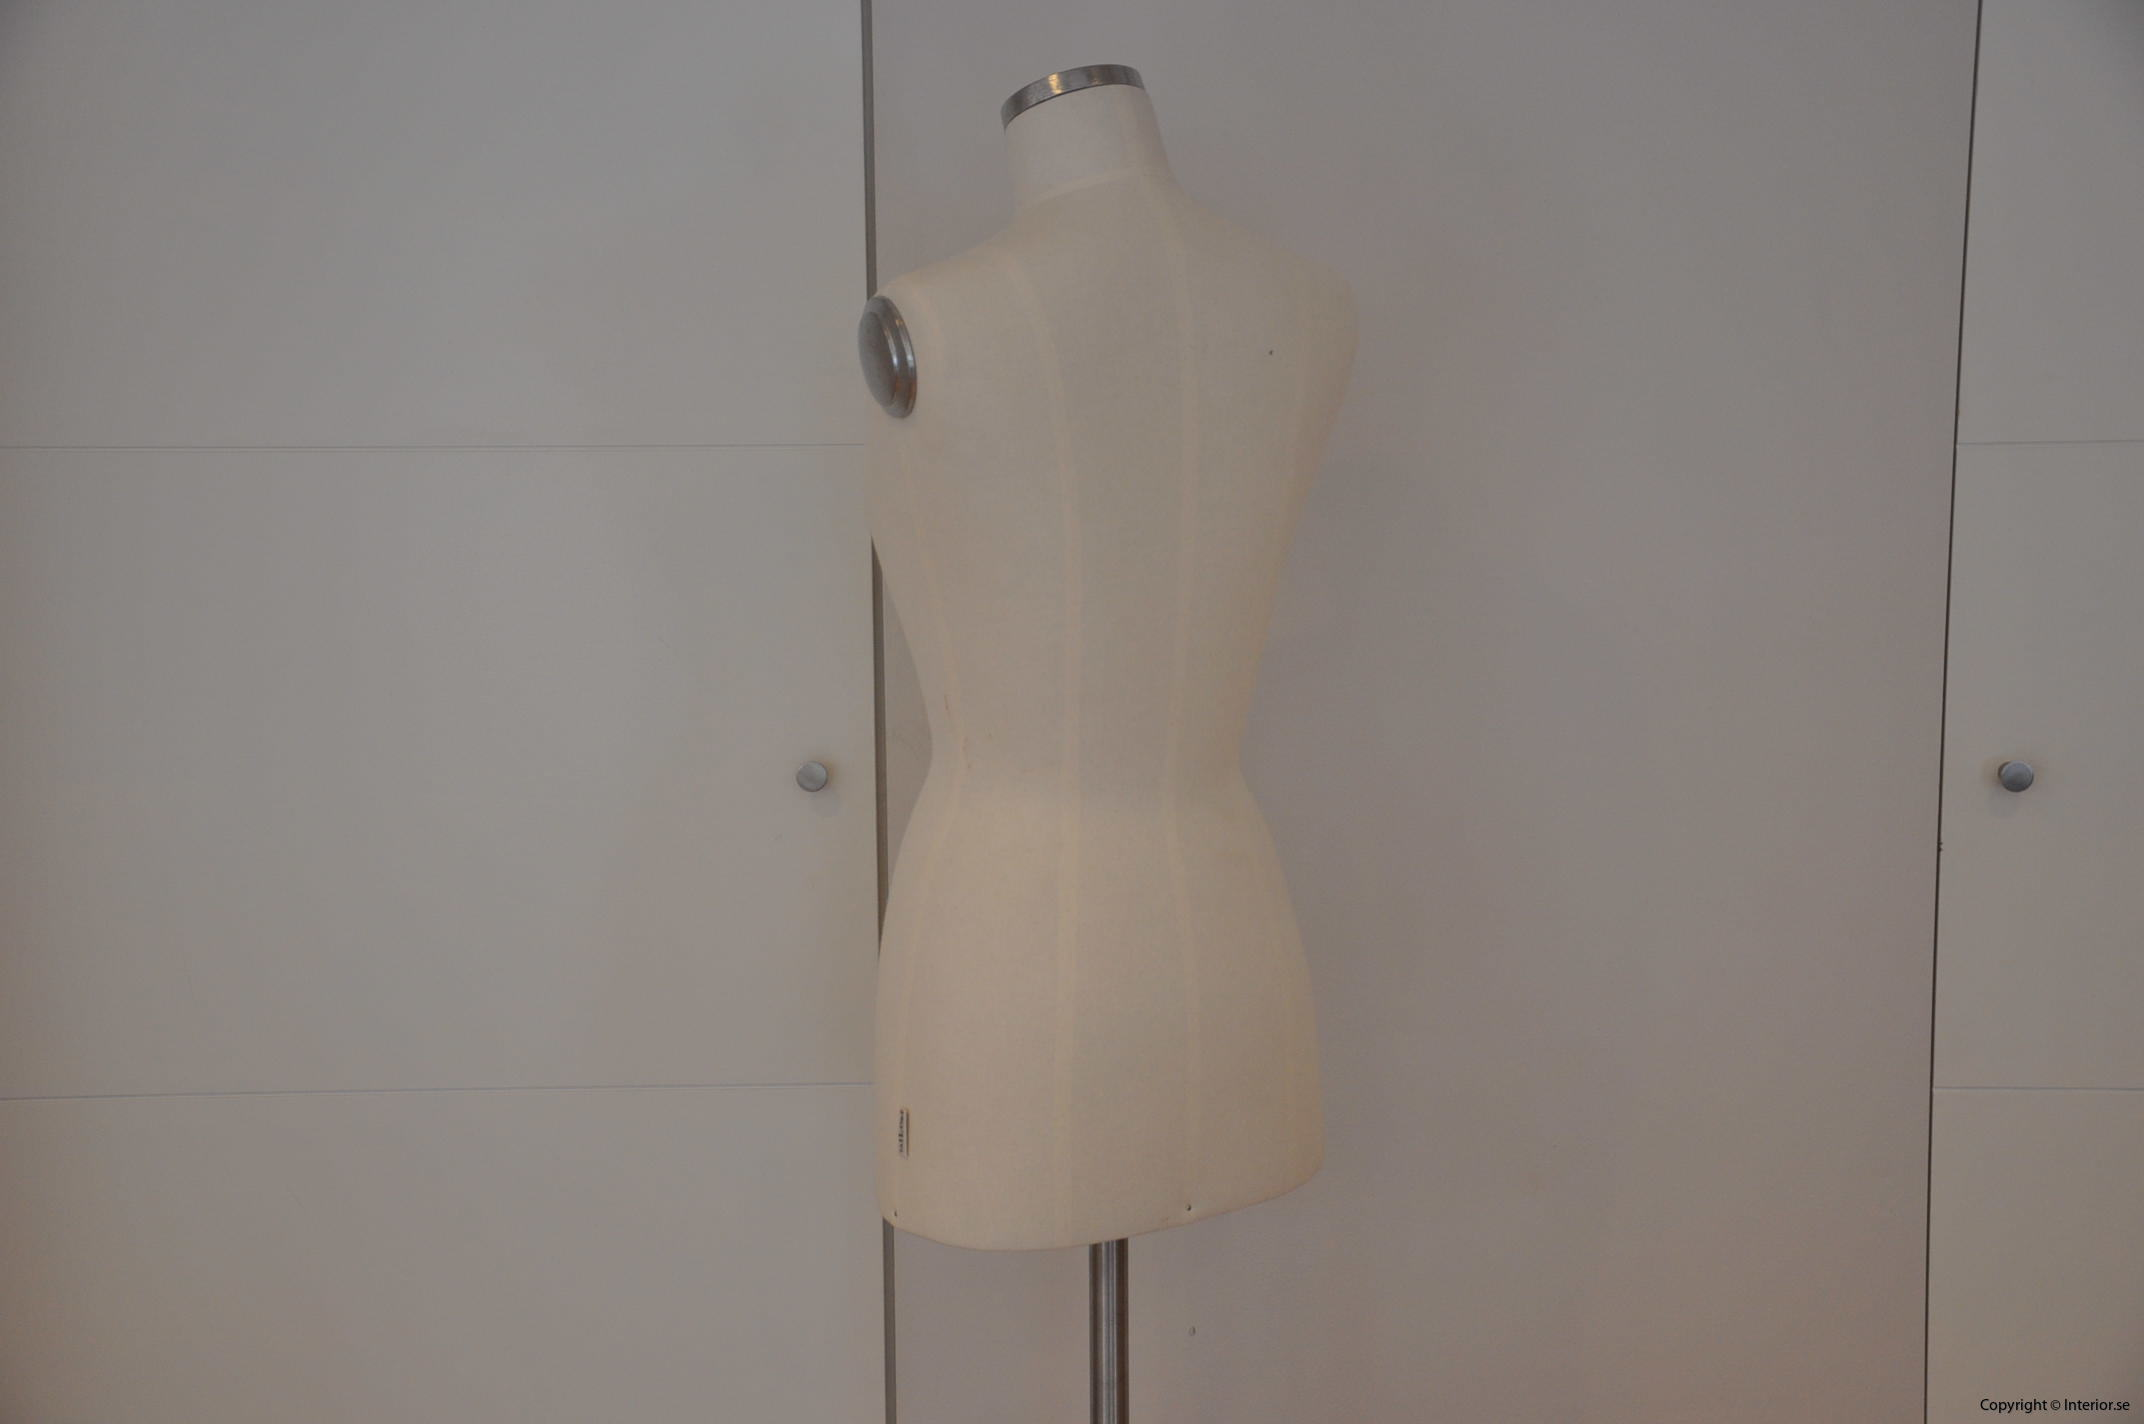 skyltdocka TAILOR'S ny tailor ny tailors ny mannequins begagnad (4)